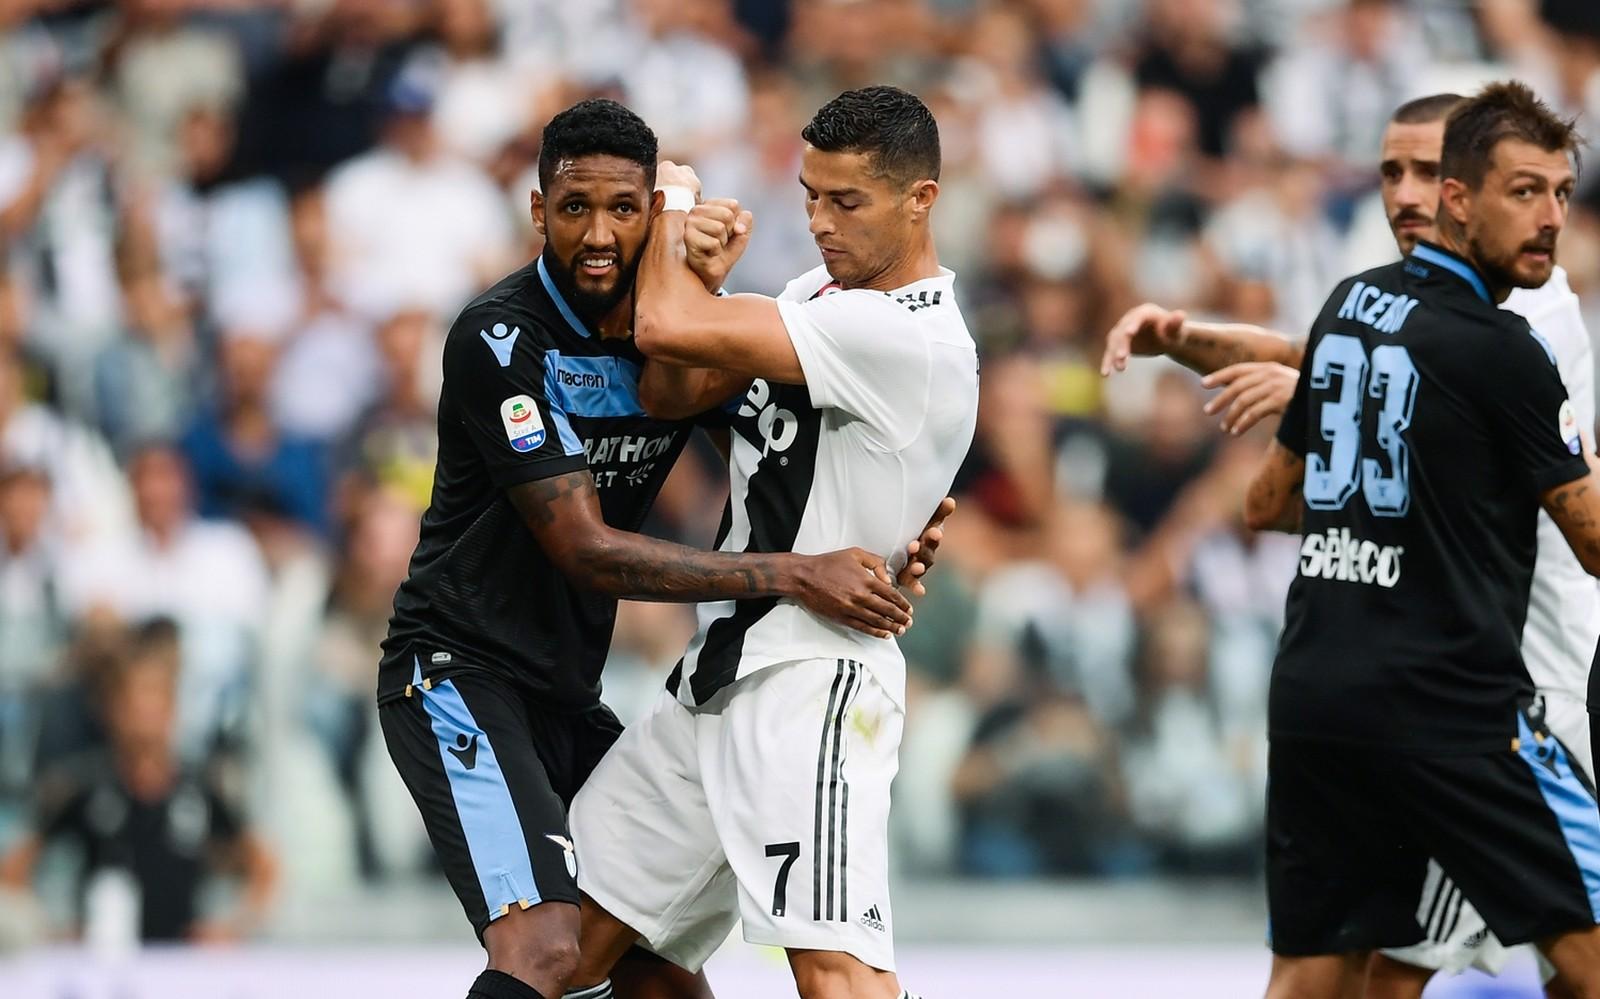 """Elogiado, Wallace irrita Cristiano Ronaldo, mas depois ganha camisa: """"Incrível"""""""